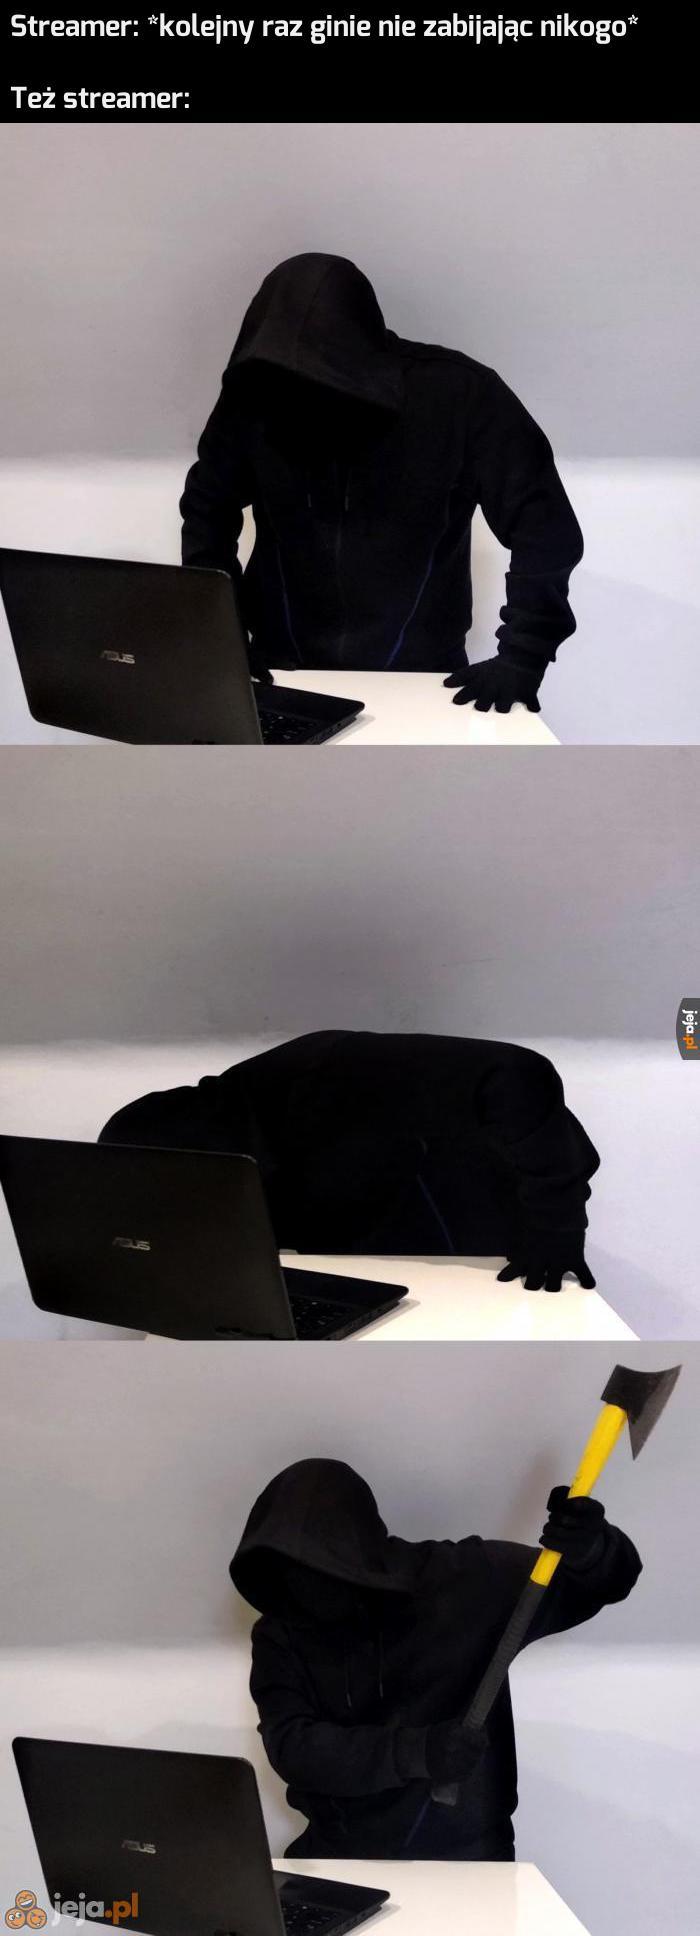 Biedne klawiatury i ekrany...